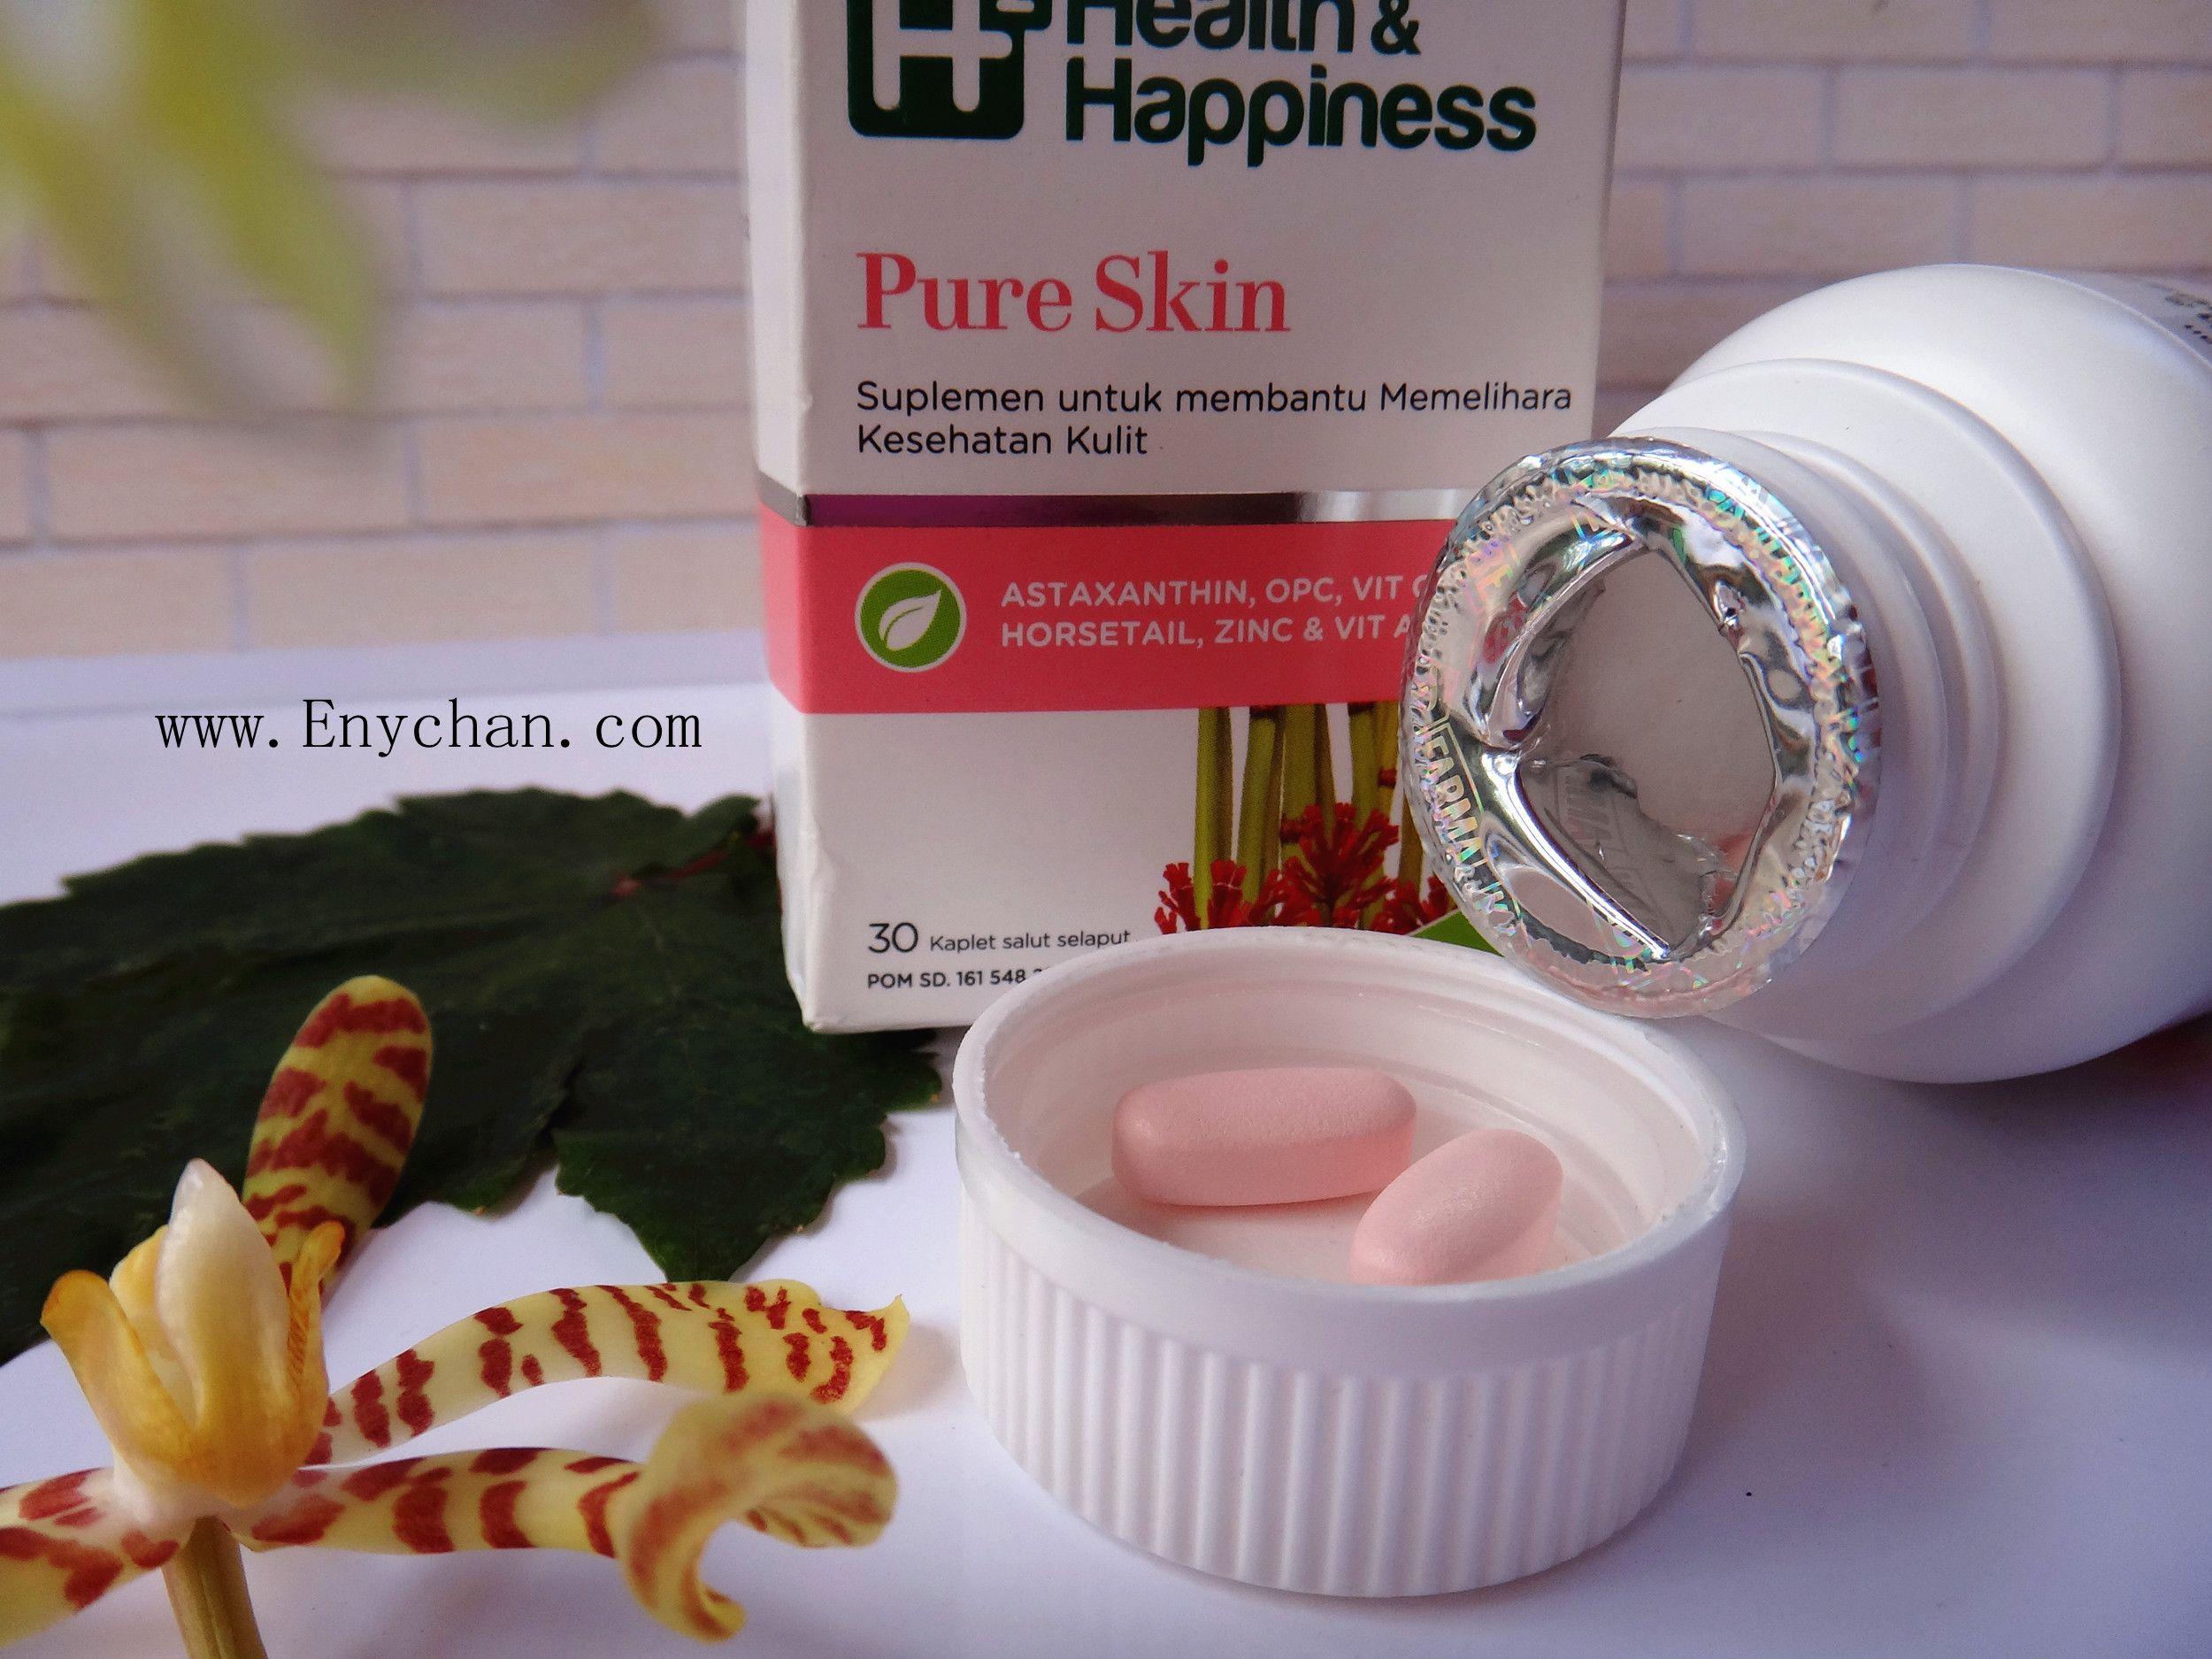 gambar review ke-6 untuk H2 Health & Happiness Pure Skin